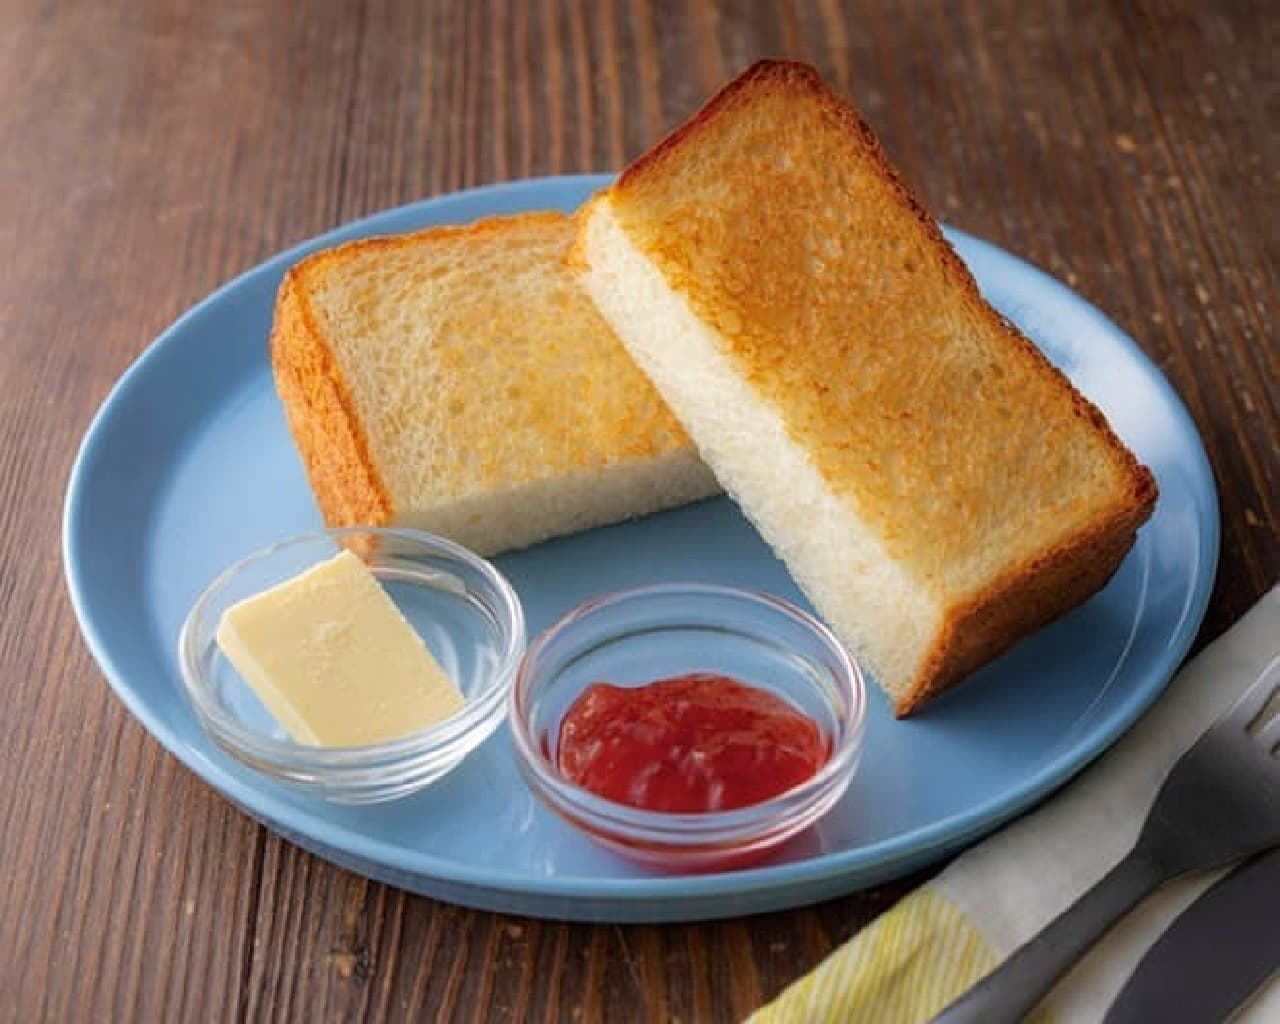 イケビズカフェ「北海道産小麦を使ったもっちり食パン-あまおうイチゴジャム-」